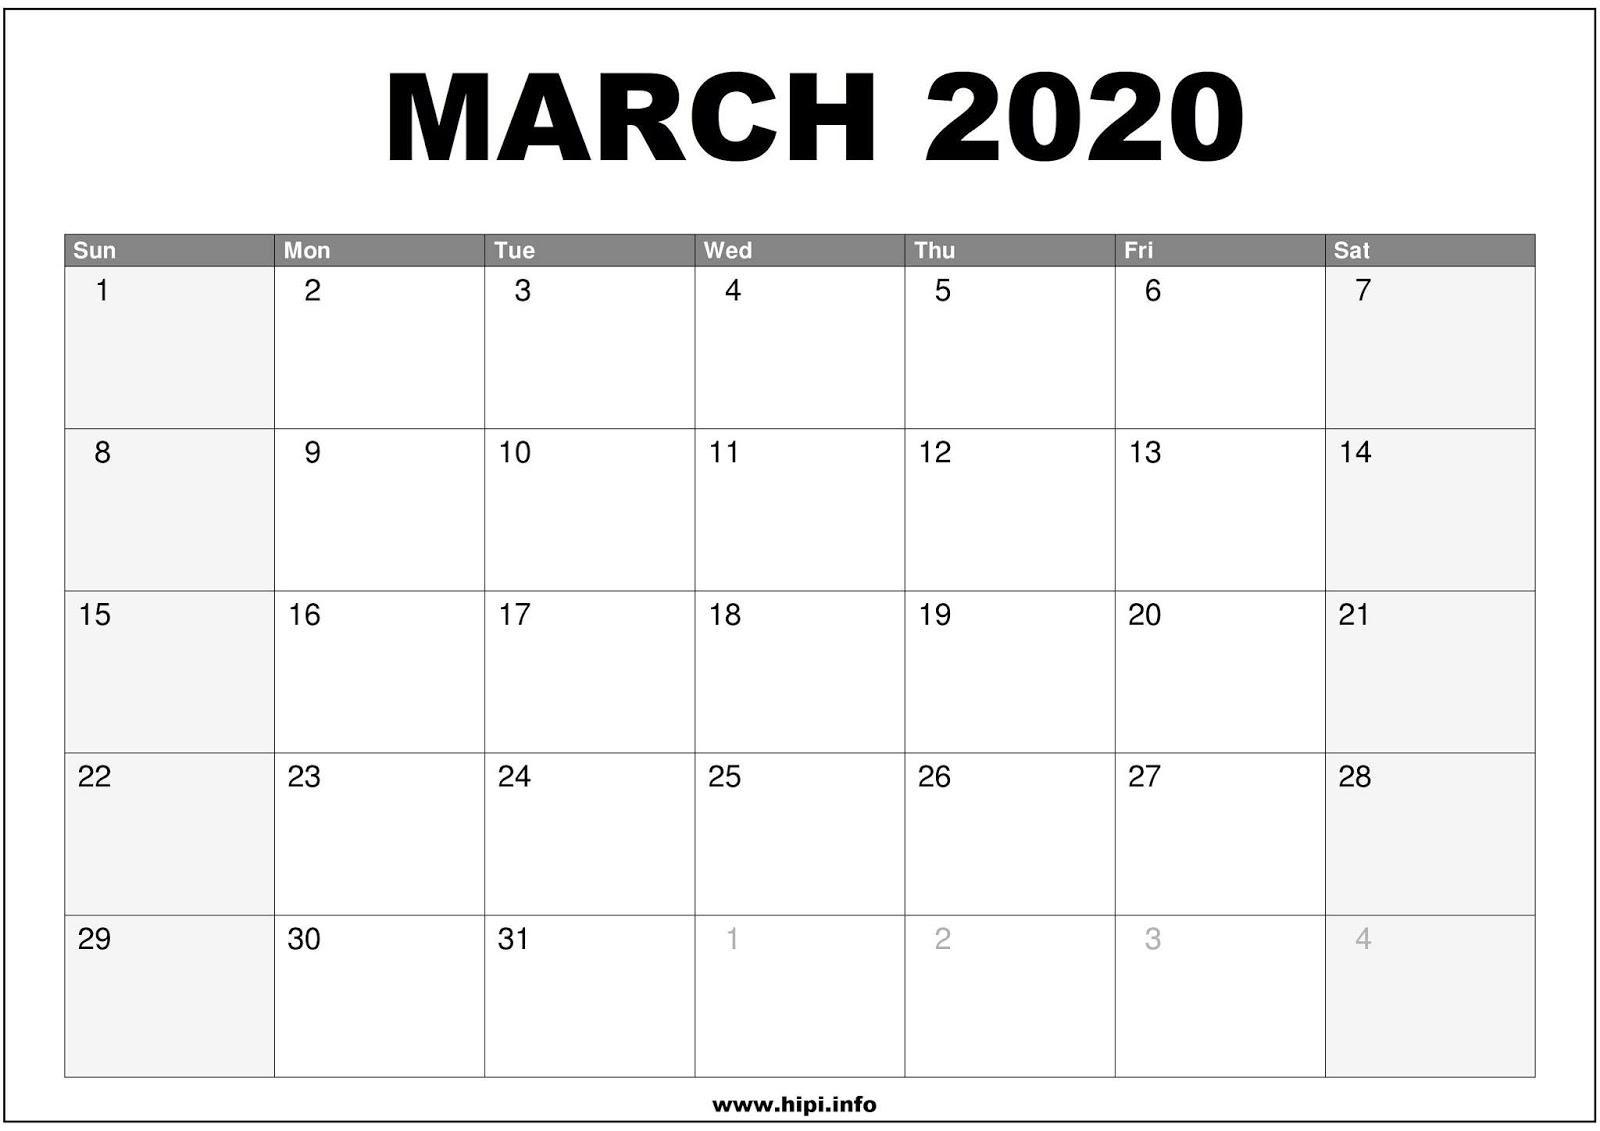 Wallpaper Cave March 2020 Calendar Wallpapers - Wallpaper Cave